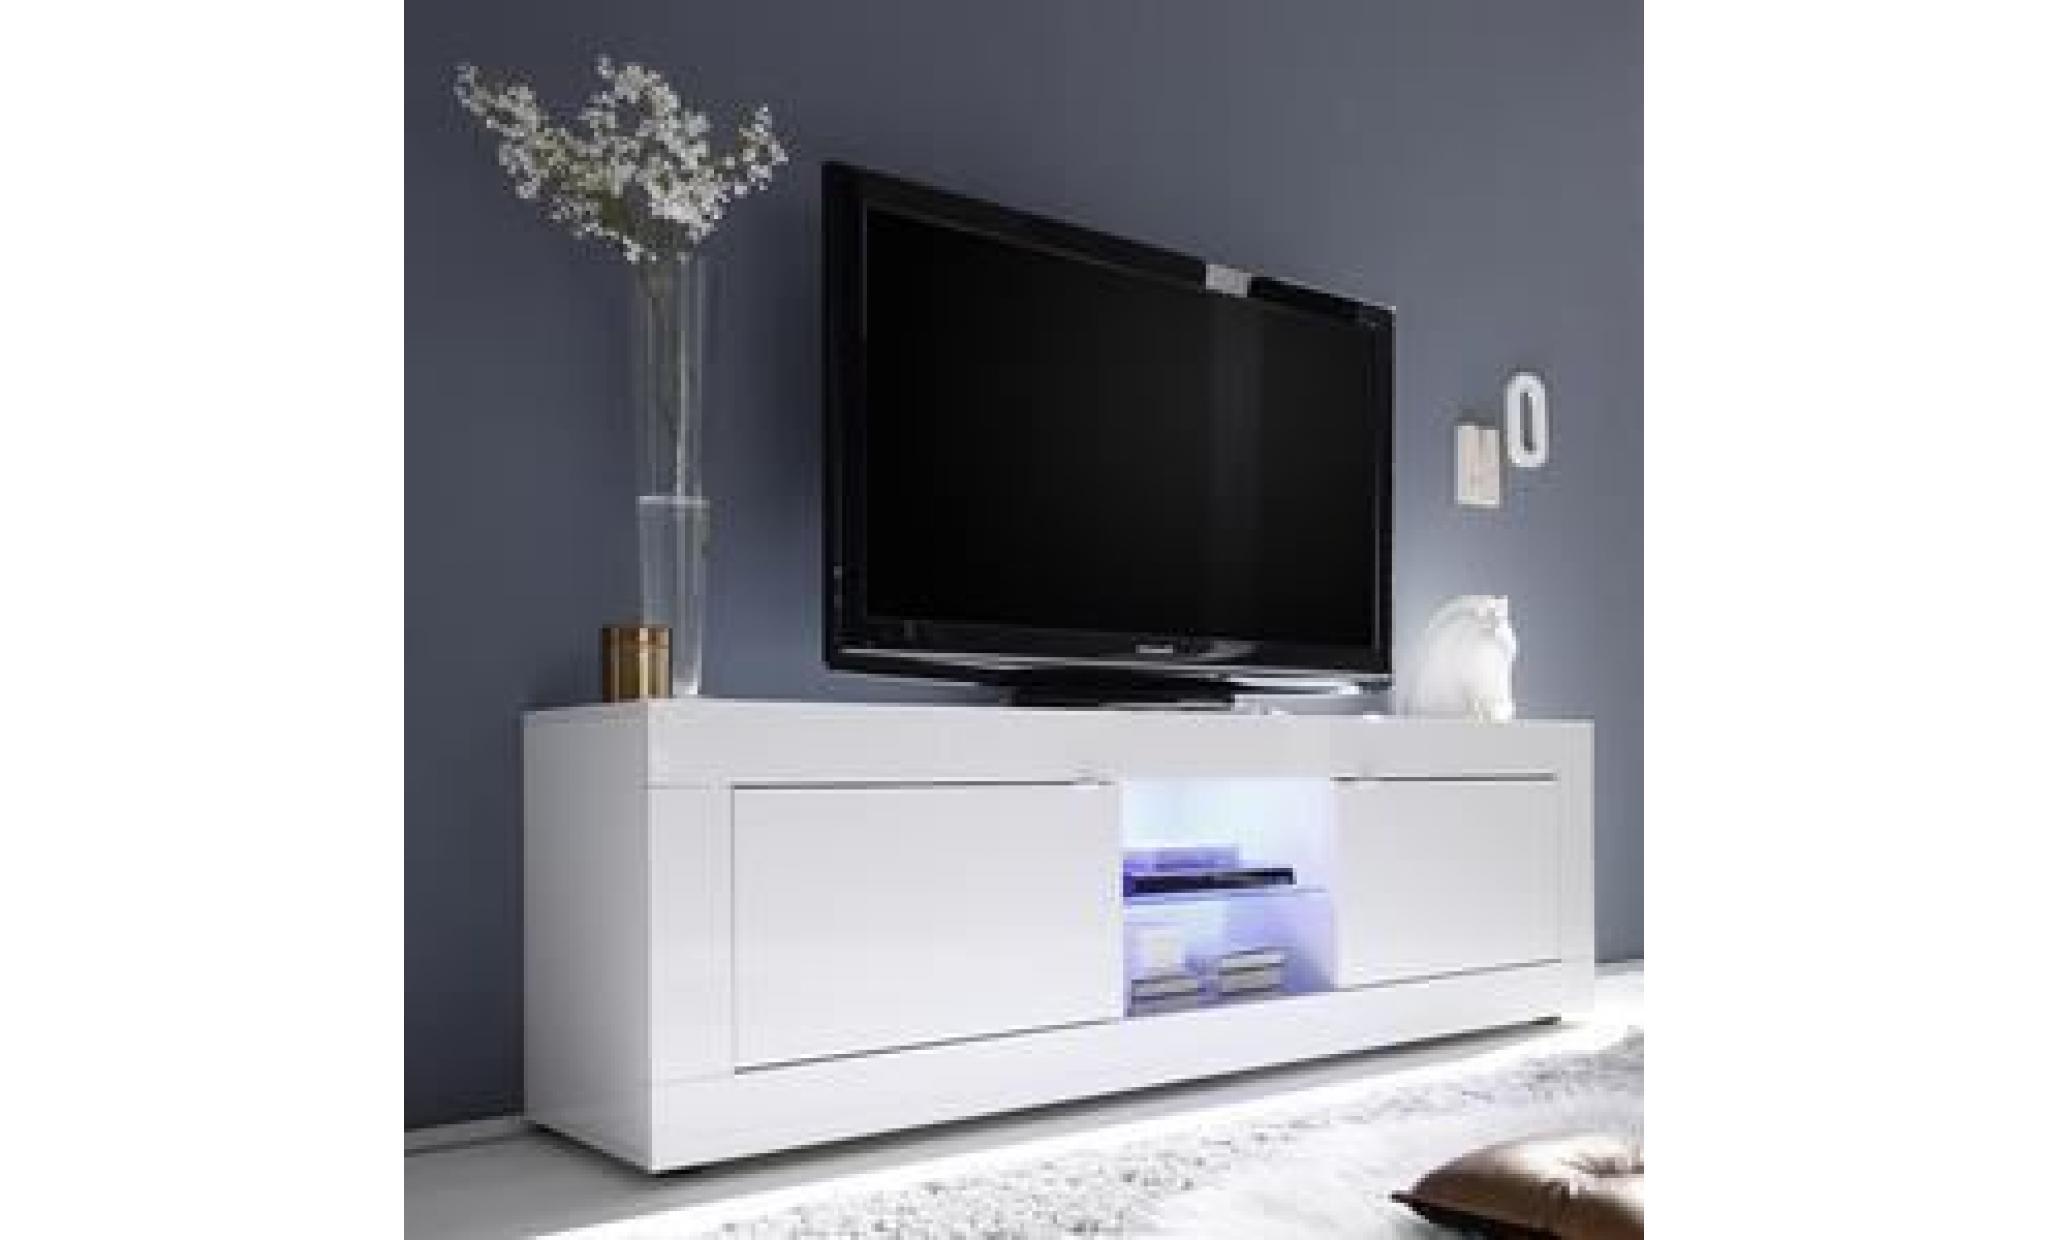 Meuble Tv 180 Cm Blanc Laque Design Focia 2 Sans Eclairage Blanc Achat Vente Meuble Tv Pas Cher Couleur Et Design Fr